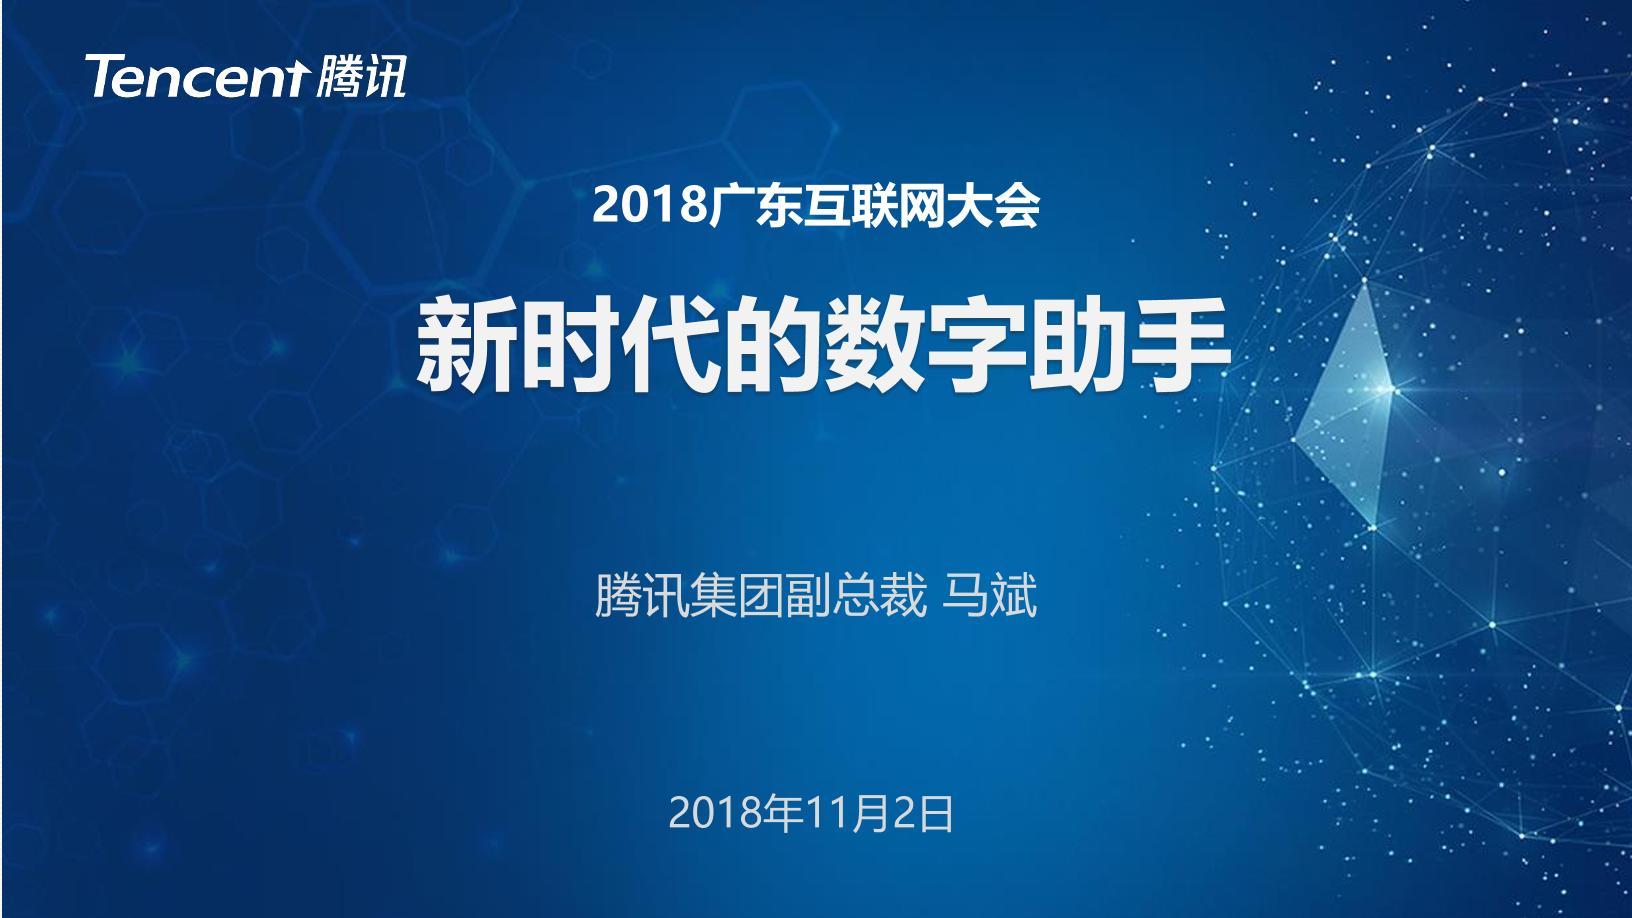 2018广东互联网大会演讲PPT|新时代的数字助手|腾讯